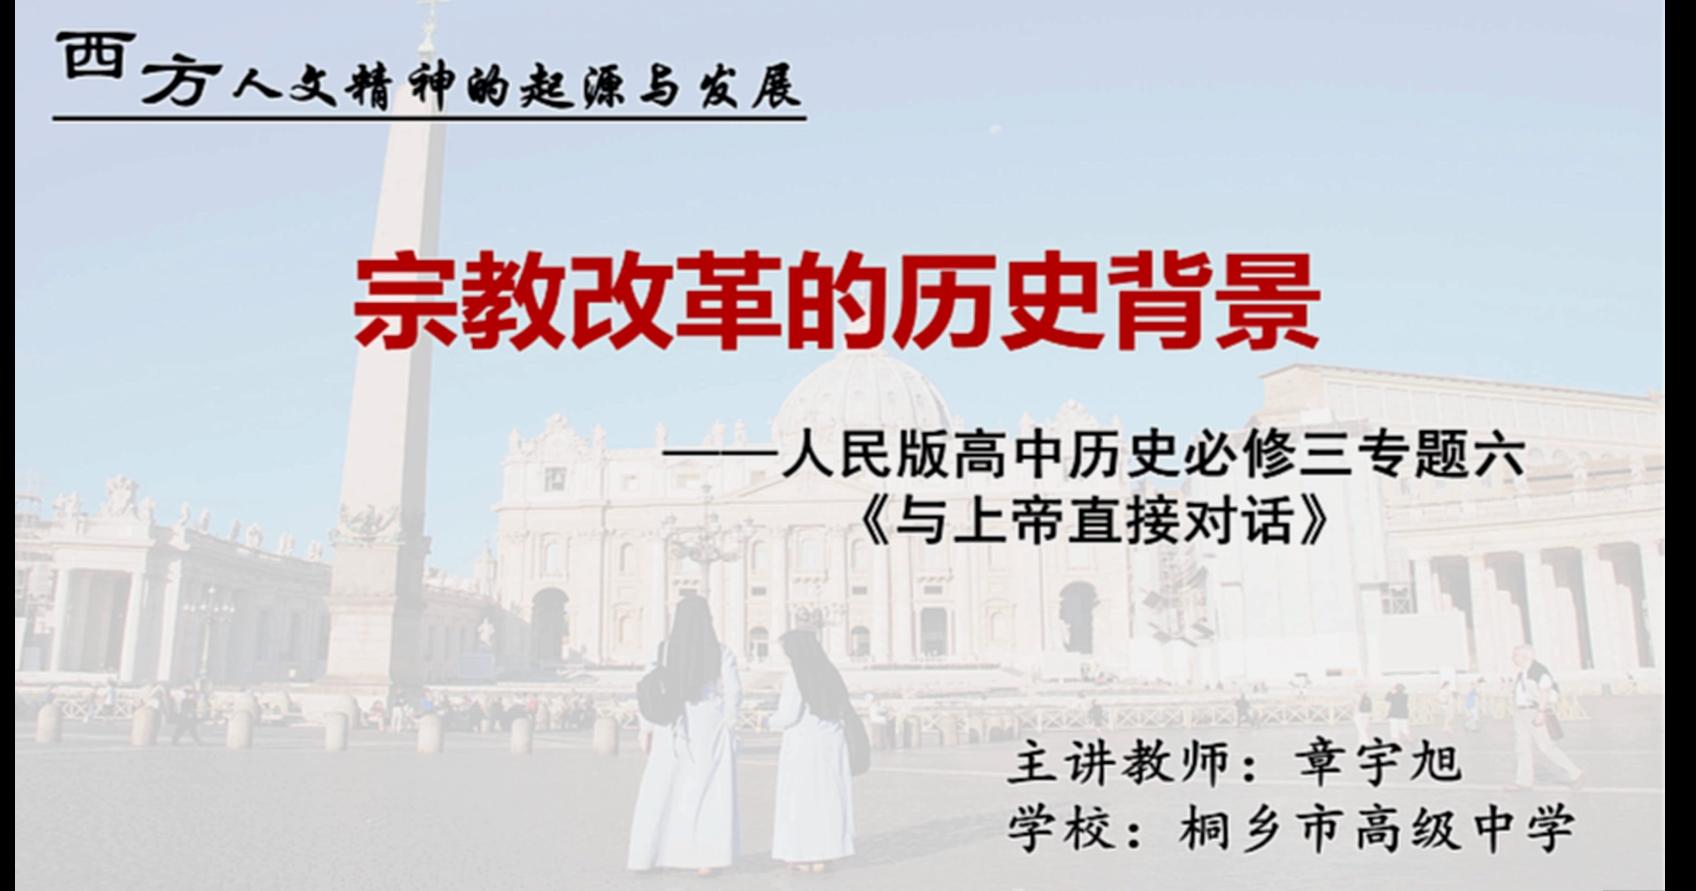 《宗教改革的历史背景》